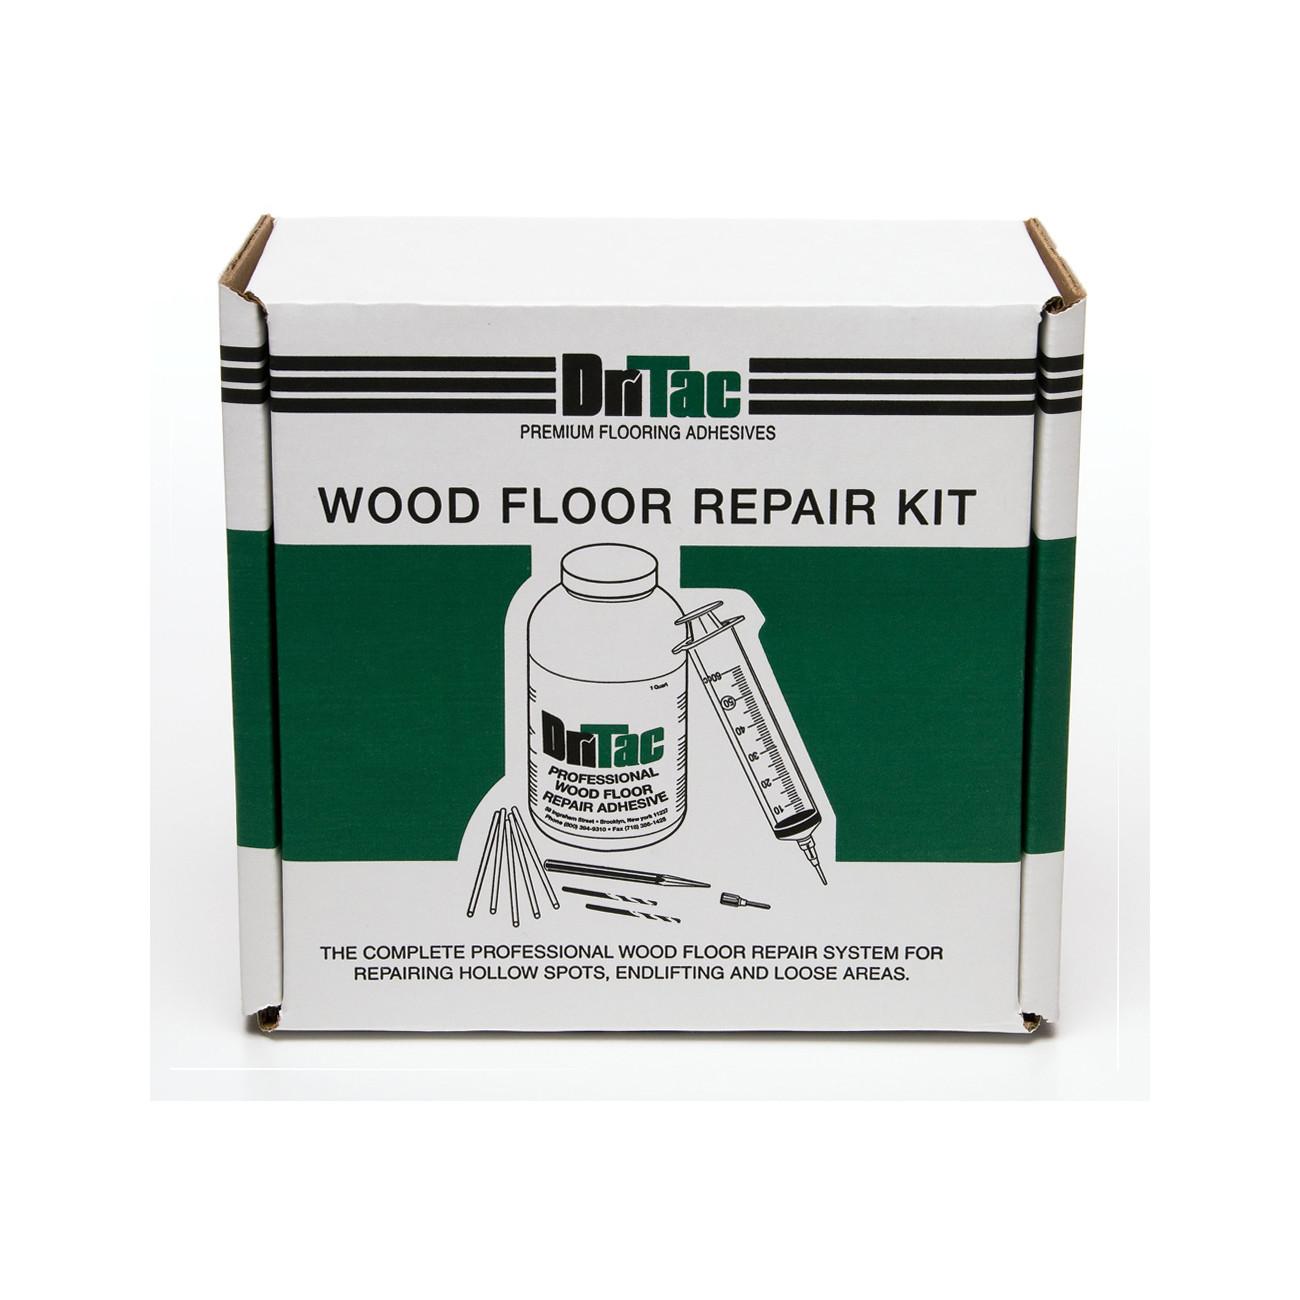 hardwood floor repair dc of dritac wood floor repair kit engineered flooring only walmart com within 1ac0fa73 b316 4545 b948 67e9c4fc2c66 1 f7633552b90a95a9f49c980060c48fc7